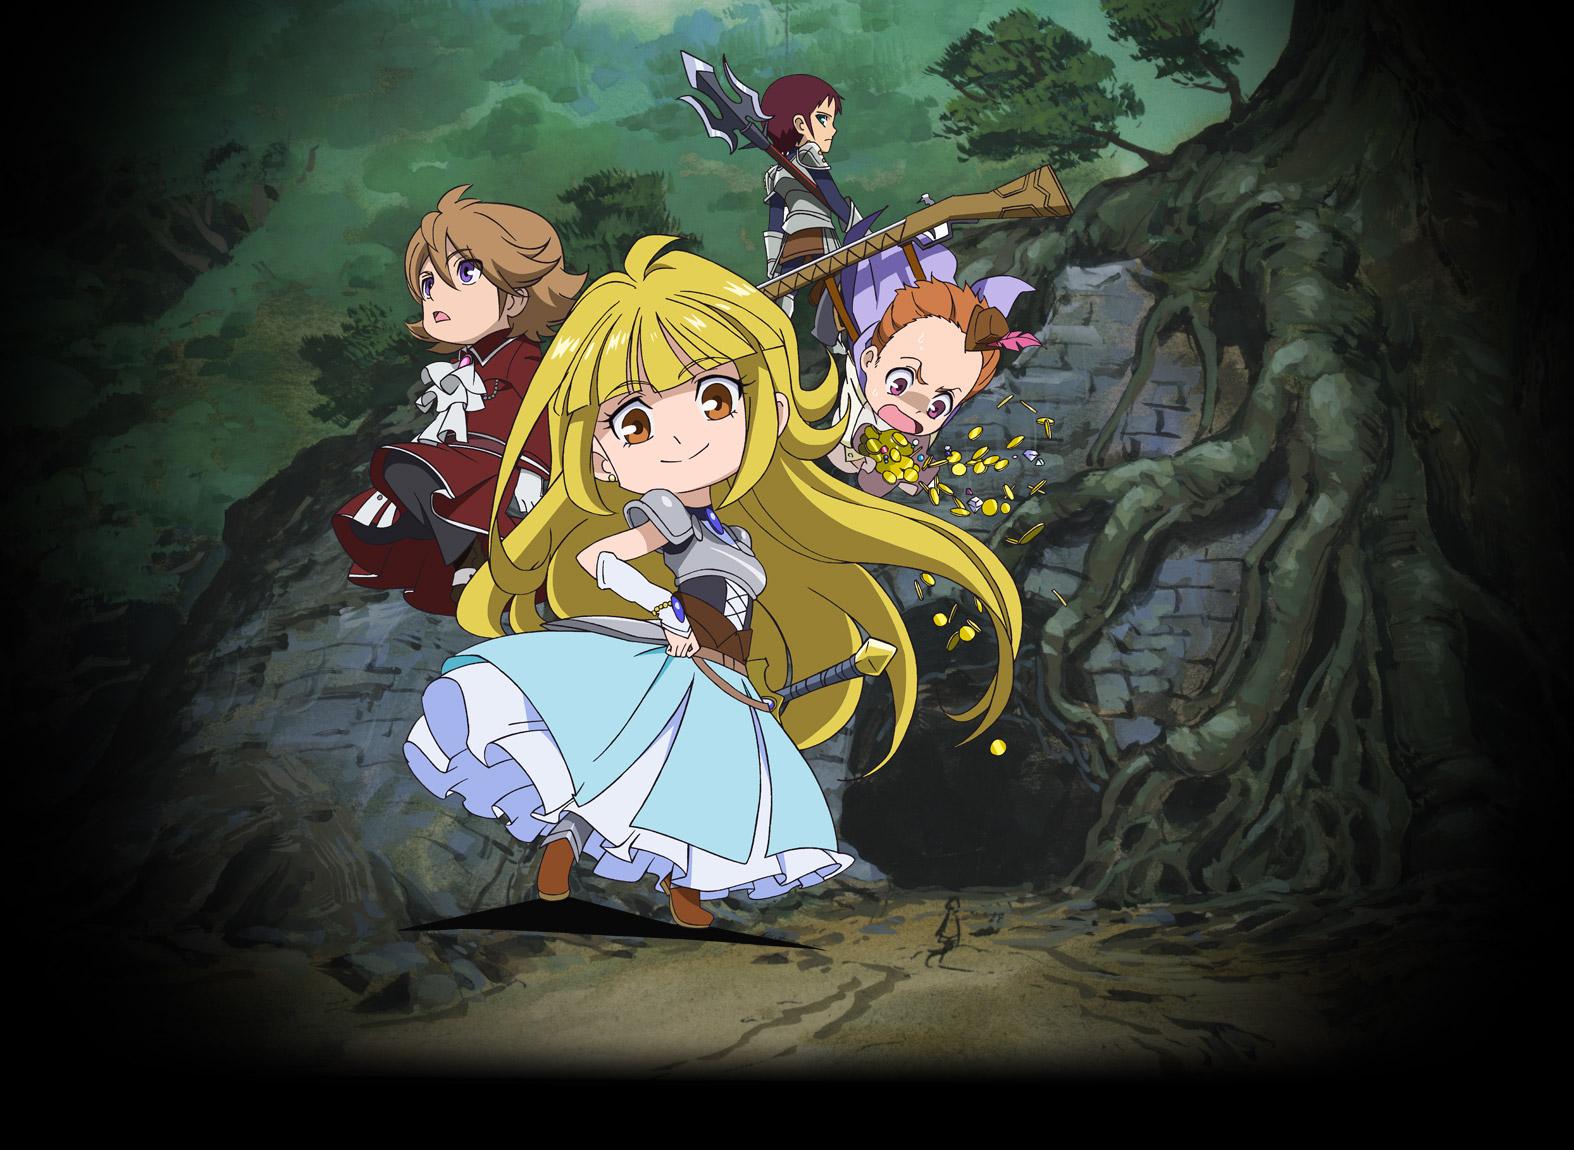 Visuel clé de l'anime Tanken Driland